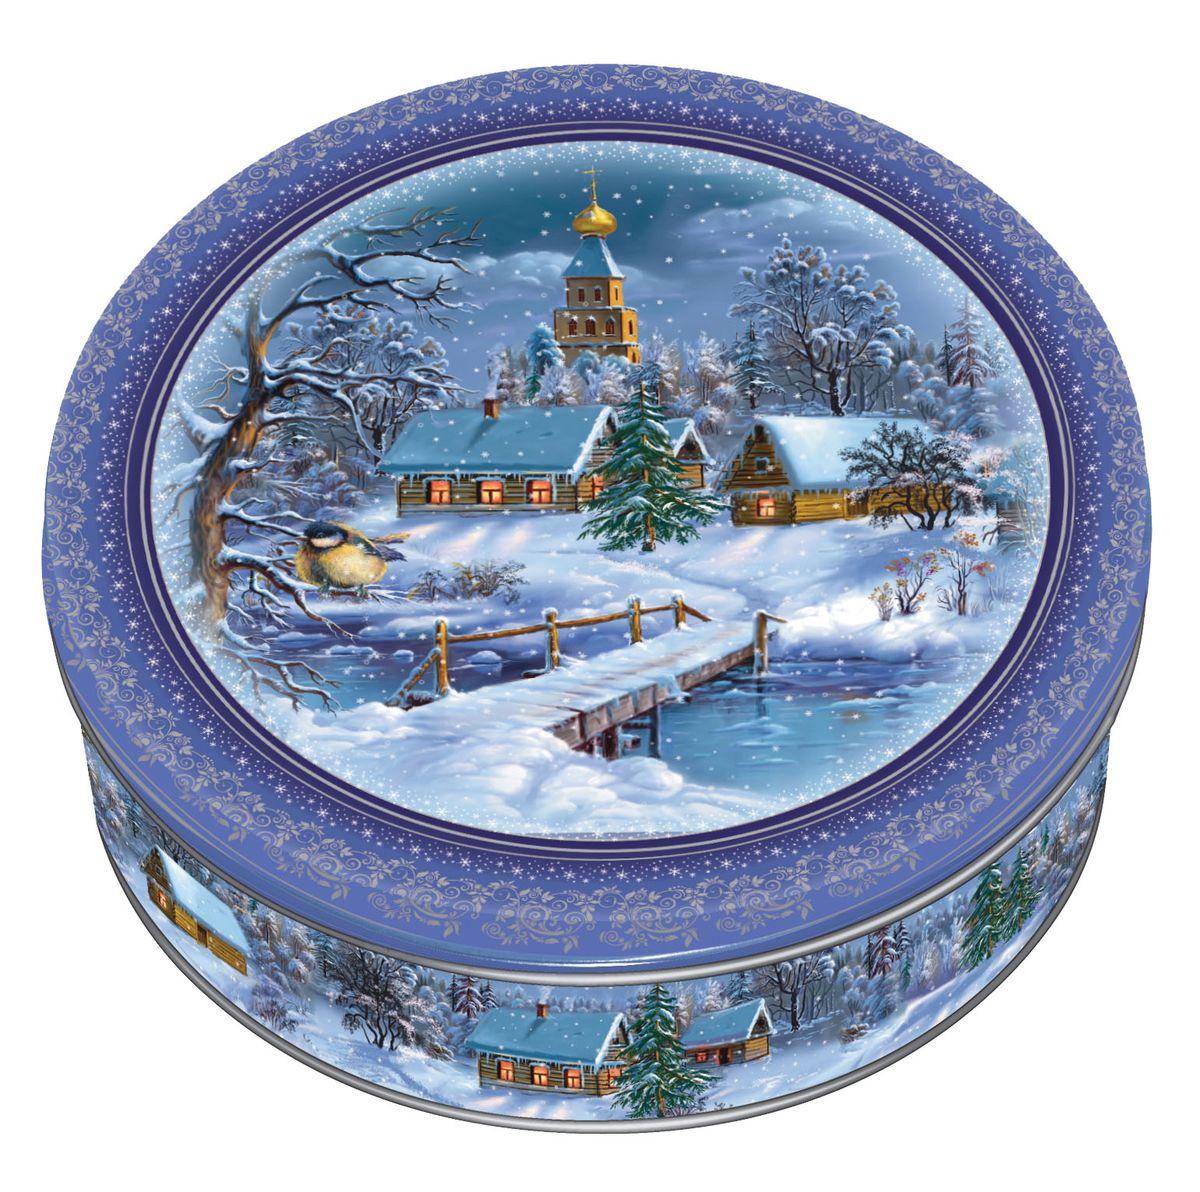 Сдобное печенье со сливочным маслом в подарочной банке с дизайном, выполненным по мотивам русской зимы. 100% натуральный продукт изготовлен на фабрике «МАК-Иваново», принадлежащей ГК «Сладкая сказка». Полный цикл производства включает также изготовление самой банки.